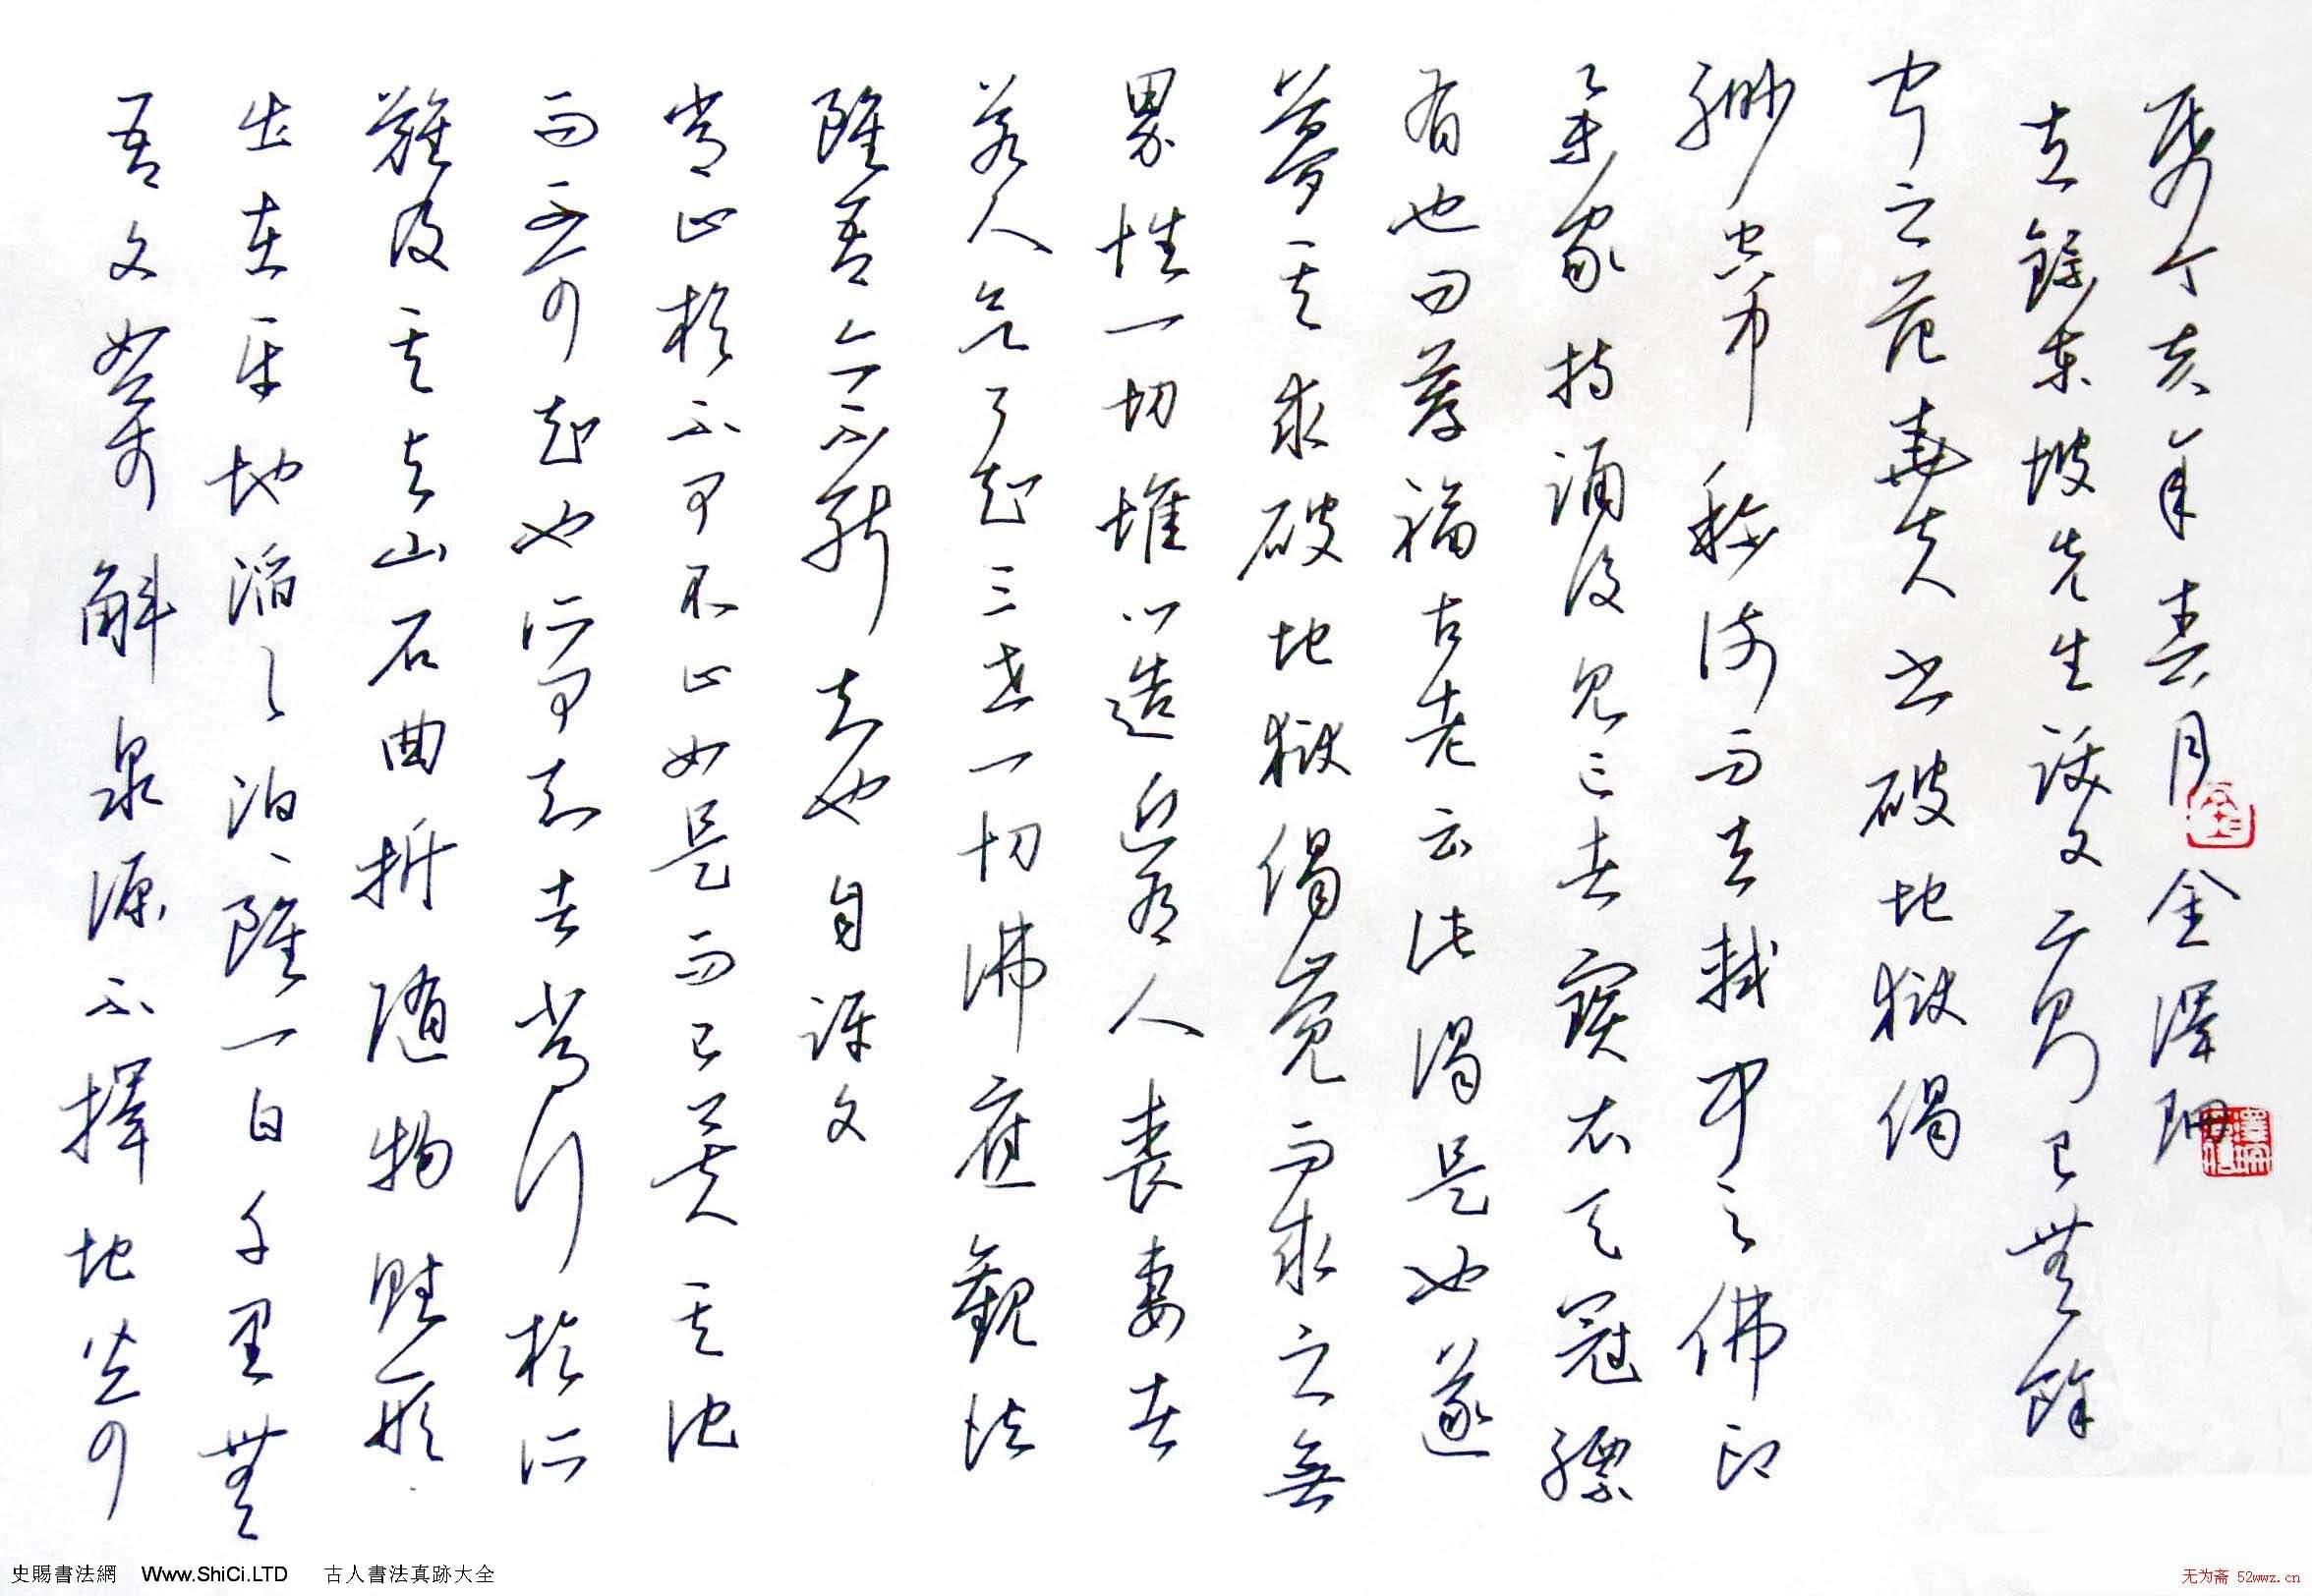 金澤珊硬筆書法作品真跡(共10張圖片)